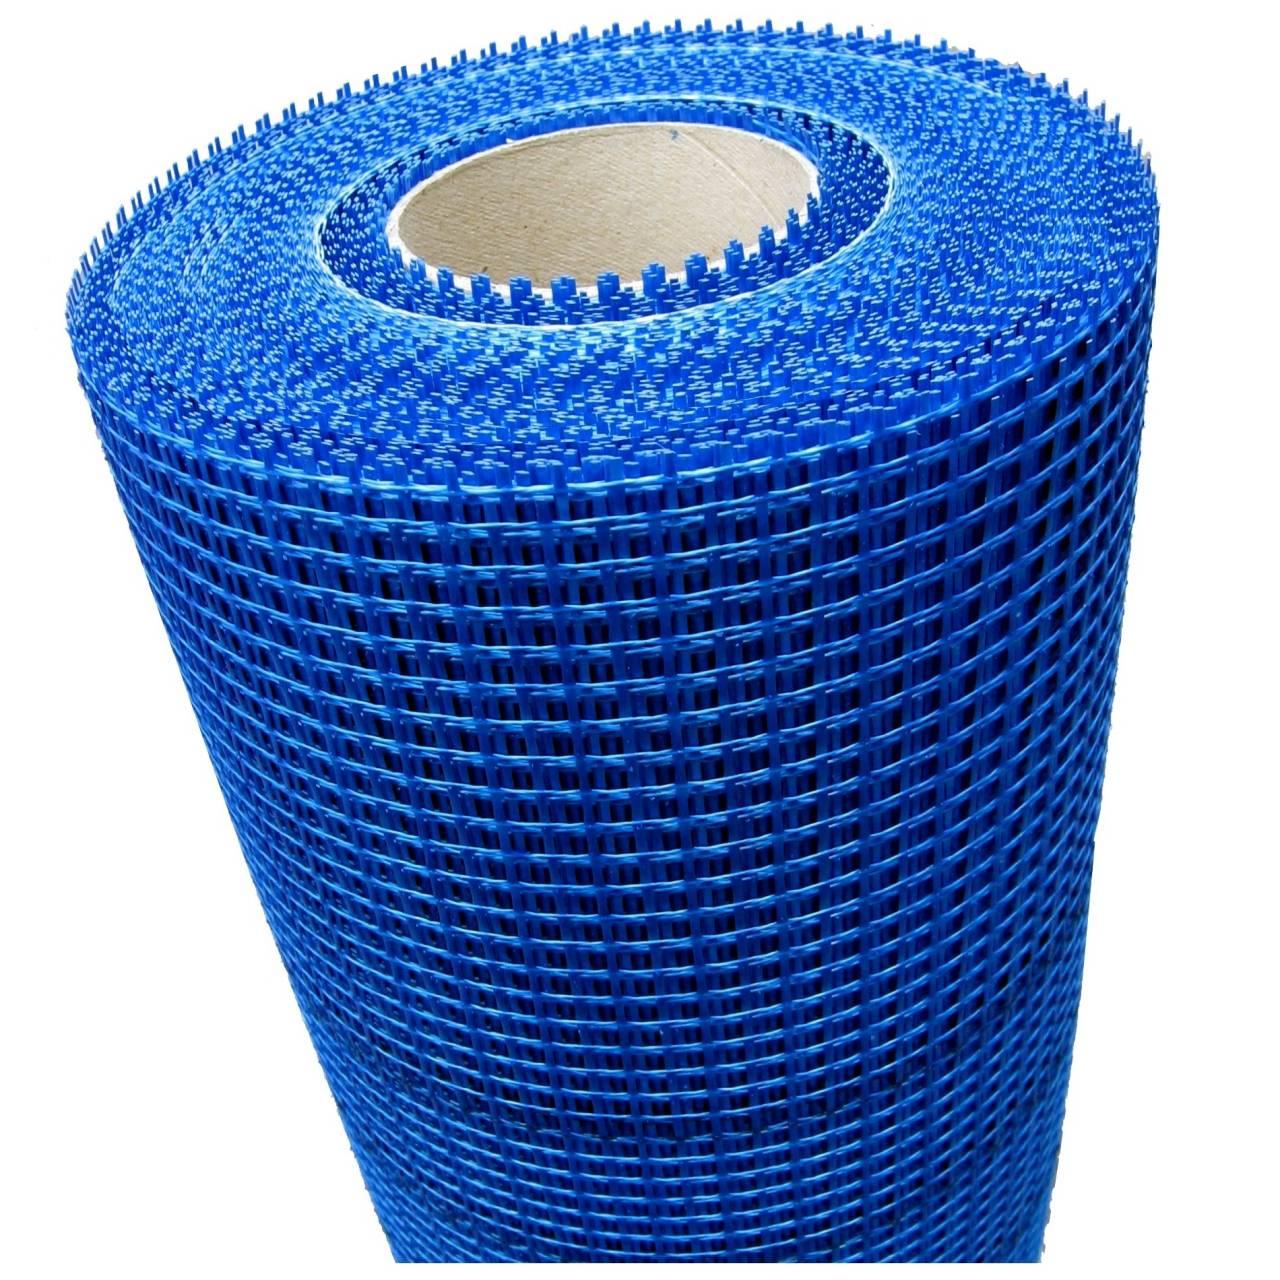 Aussenputzgewebe 13 x 13 blau / Rolle 4 x 0,25 x 100 m / Pal a 12 Rollen